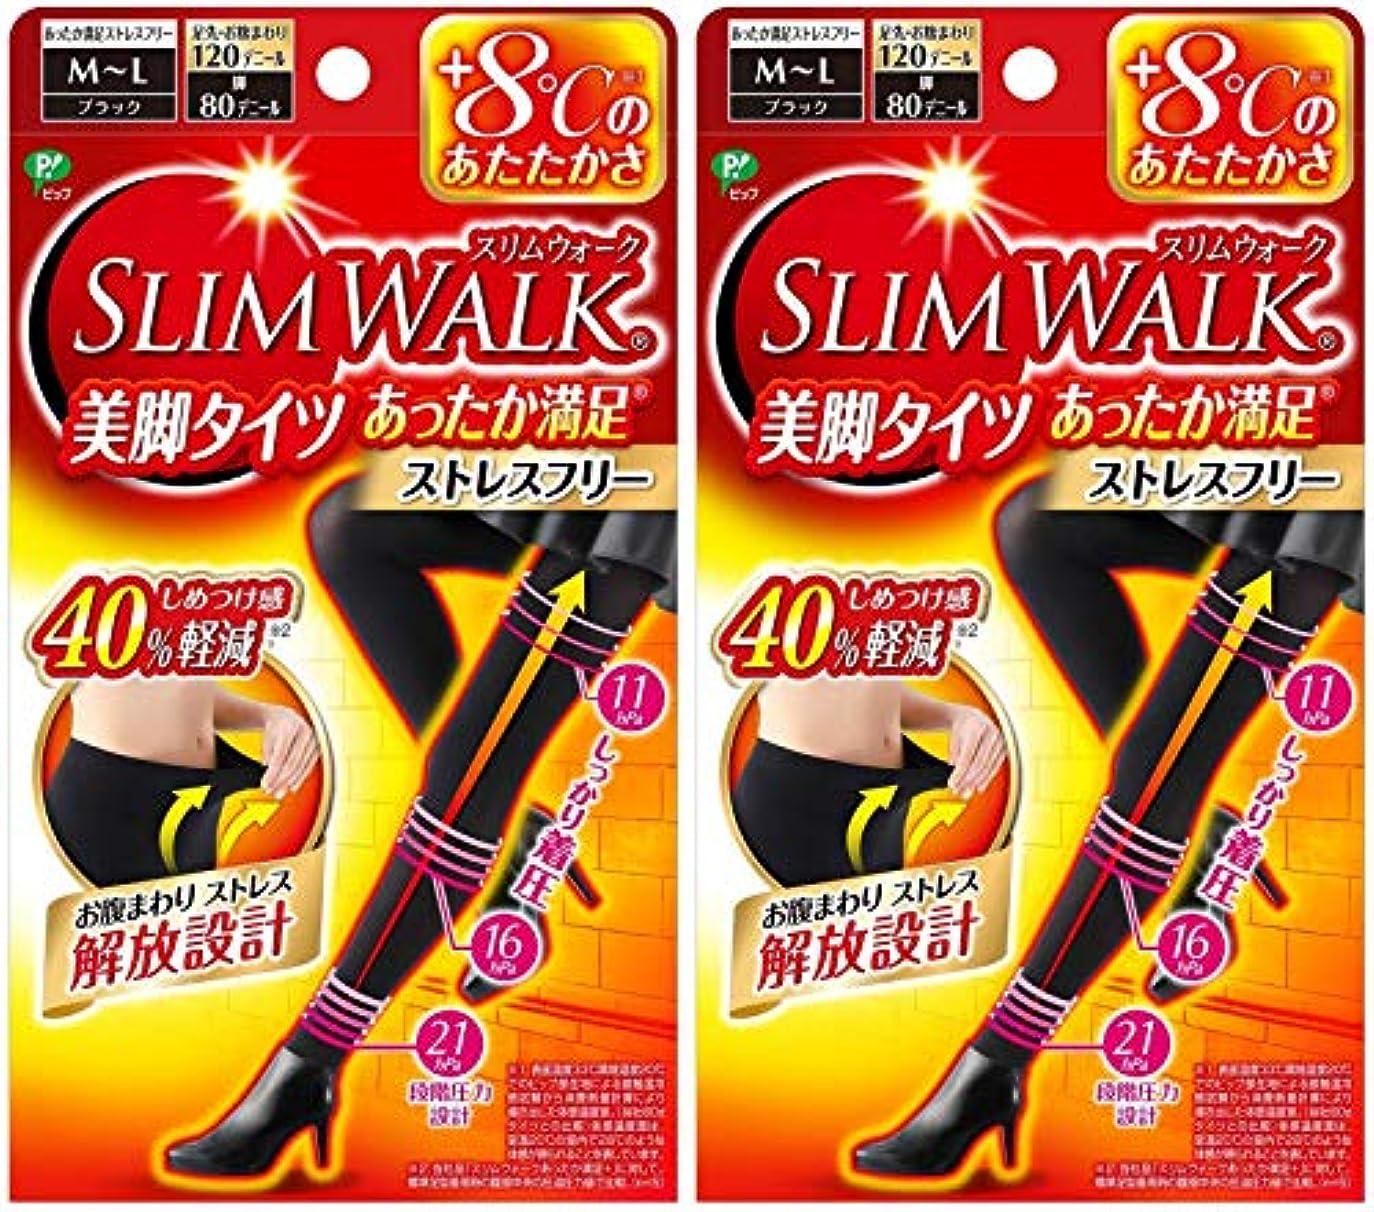 塊駐地下位【2個セット】 スリムウォーク (SLIM WALK) 美脚タイツ あったか満足 おそと用 M~Lサイズ